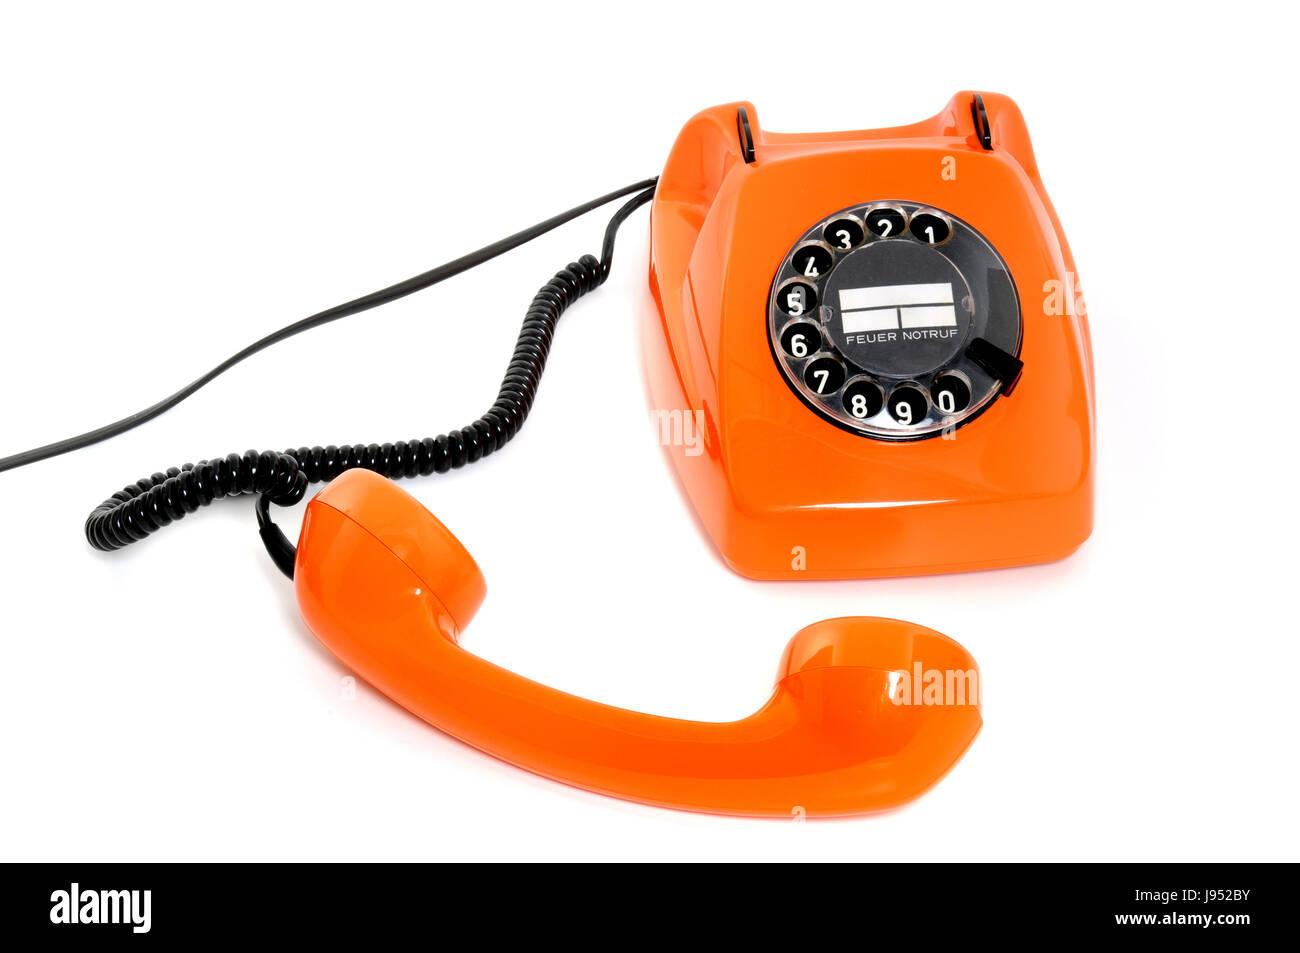 telephone, phone, historical, orange, old, telephone, phone, office, strategy, - Stock Image